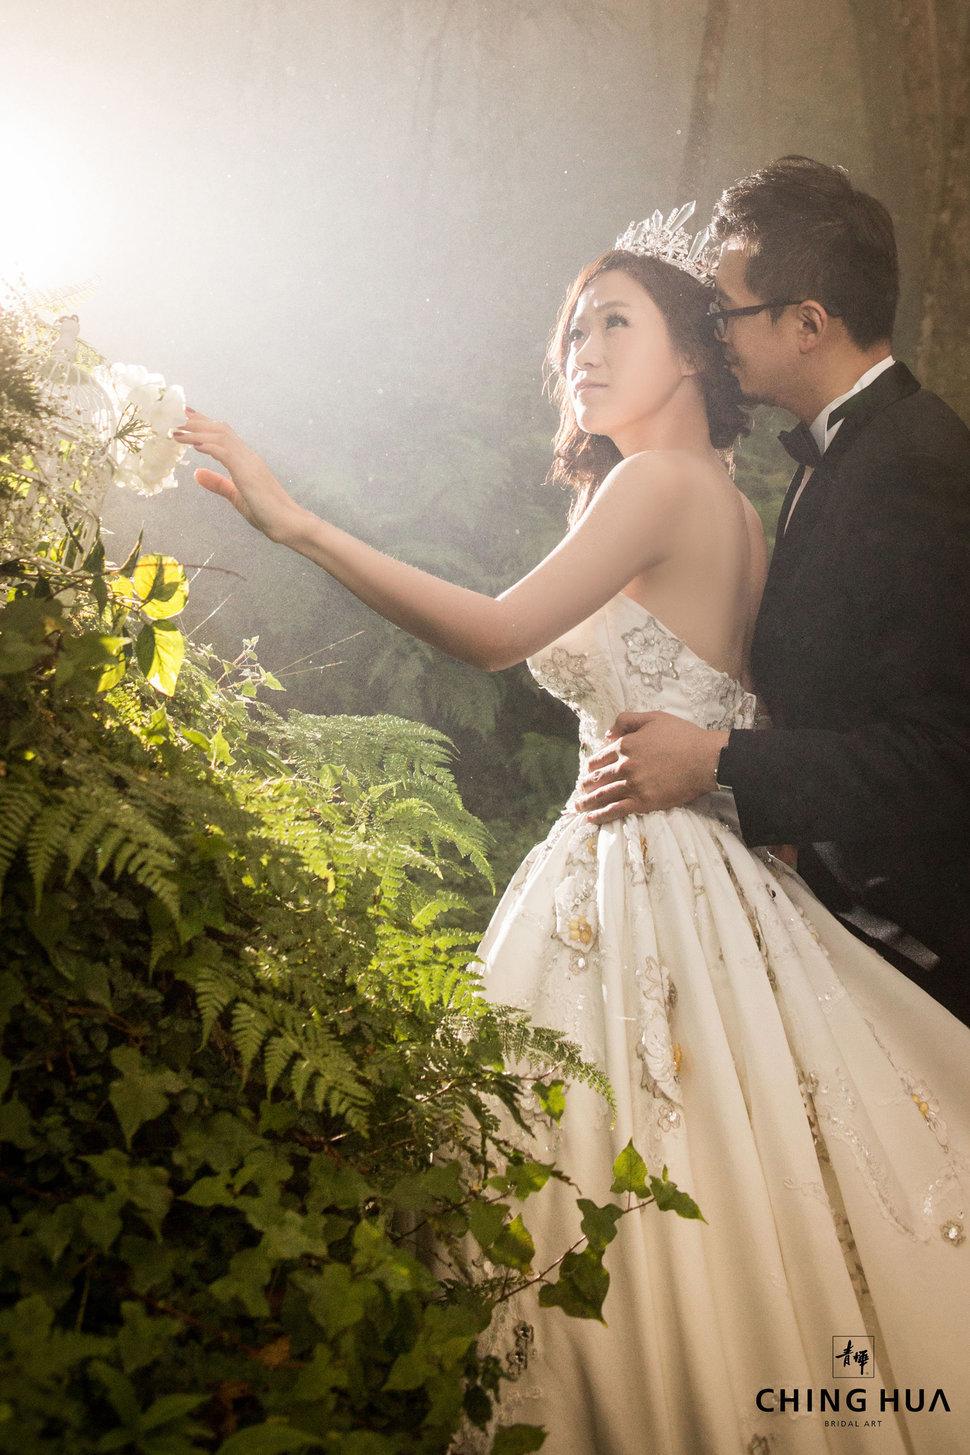 <青樺婚紗>私房景點(編號:433100) - 青樺婚紗CHINGHUA - 結婚吧一站式婚禮服務平台